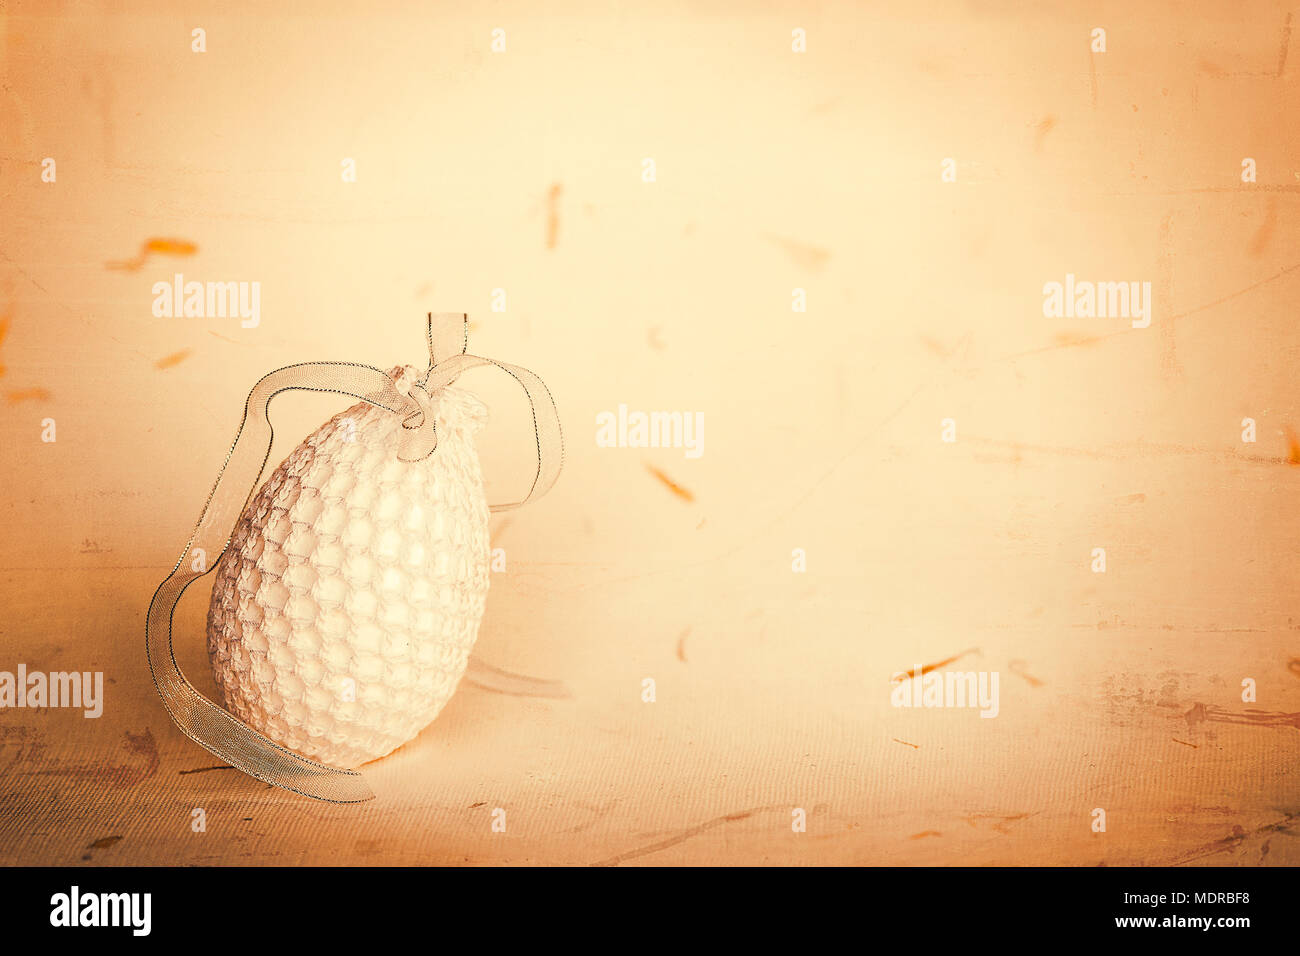 Oeuf de Pâques blanc en crochet sur papier artisanal avec texture grunge fond pétales. Shallow DOF. Banque D'Images